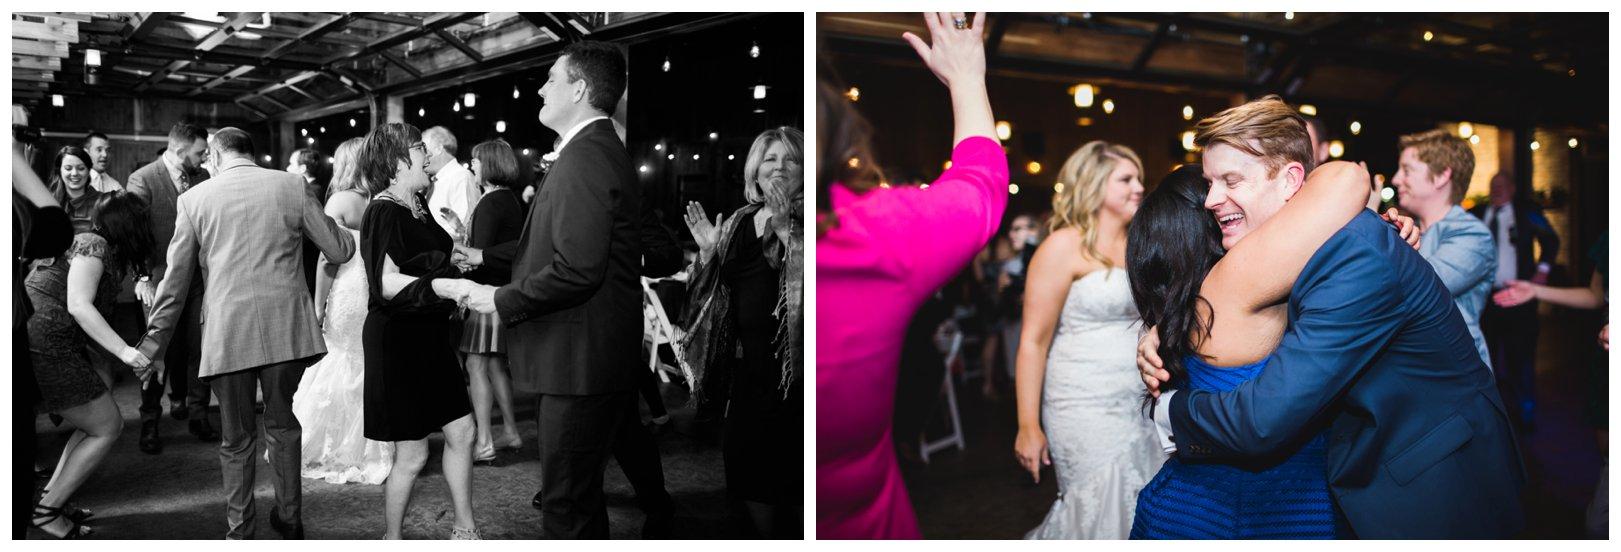 lauren muckler photography_fine art film wedding photography_st louis_photography_1000.jpg